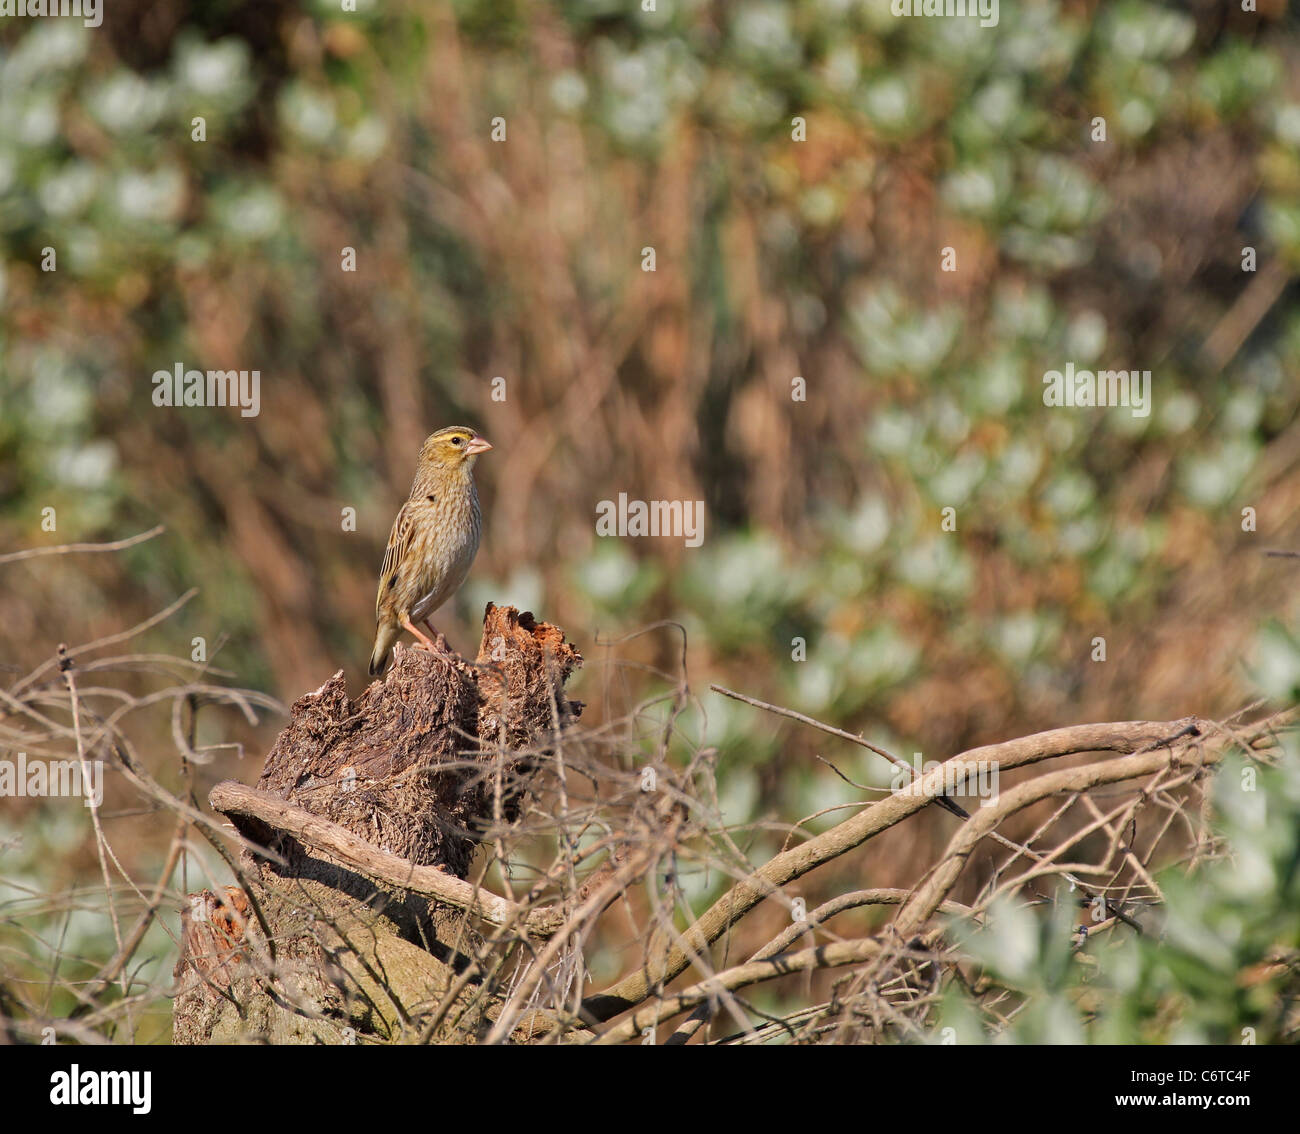 Female juvenile Southern Red Bishop or Red Bishop (Euplectes orix)  bird. - Stock Image